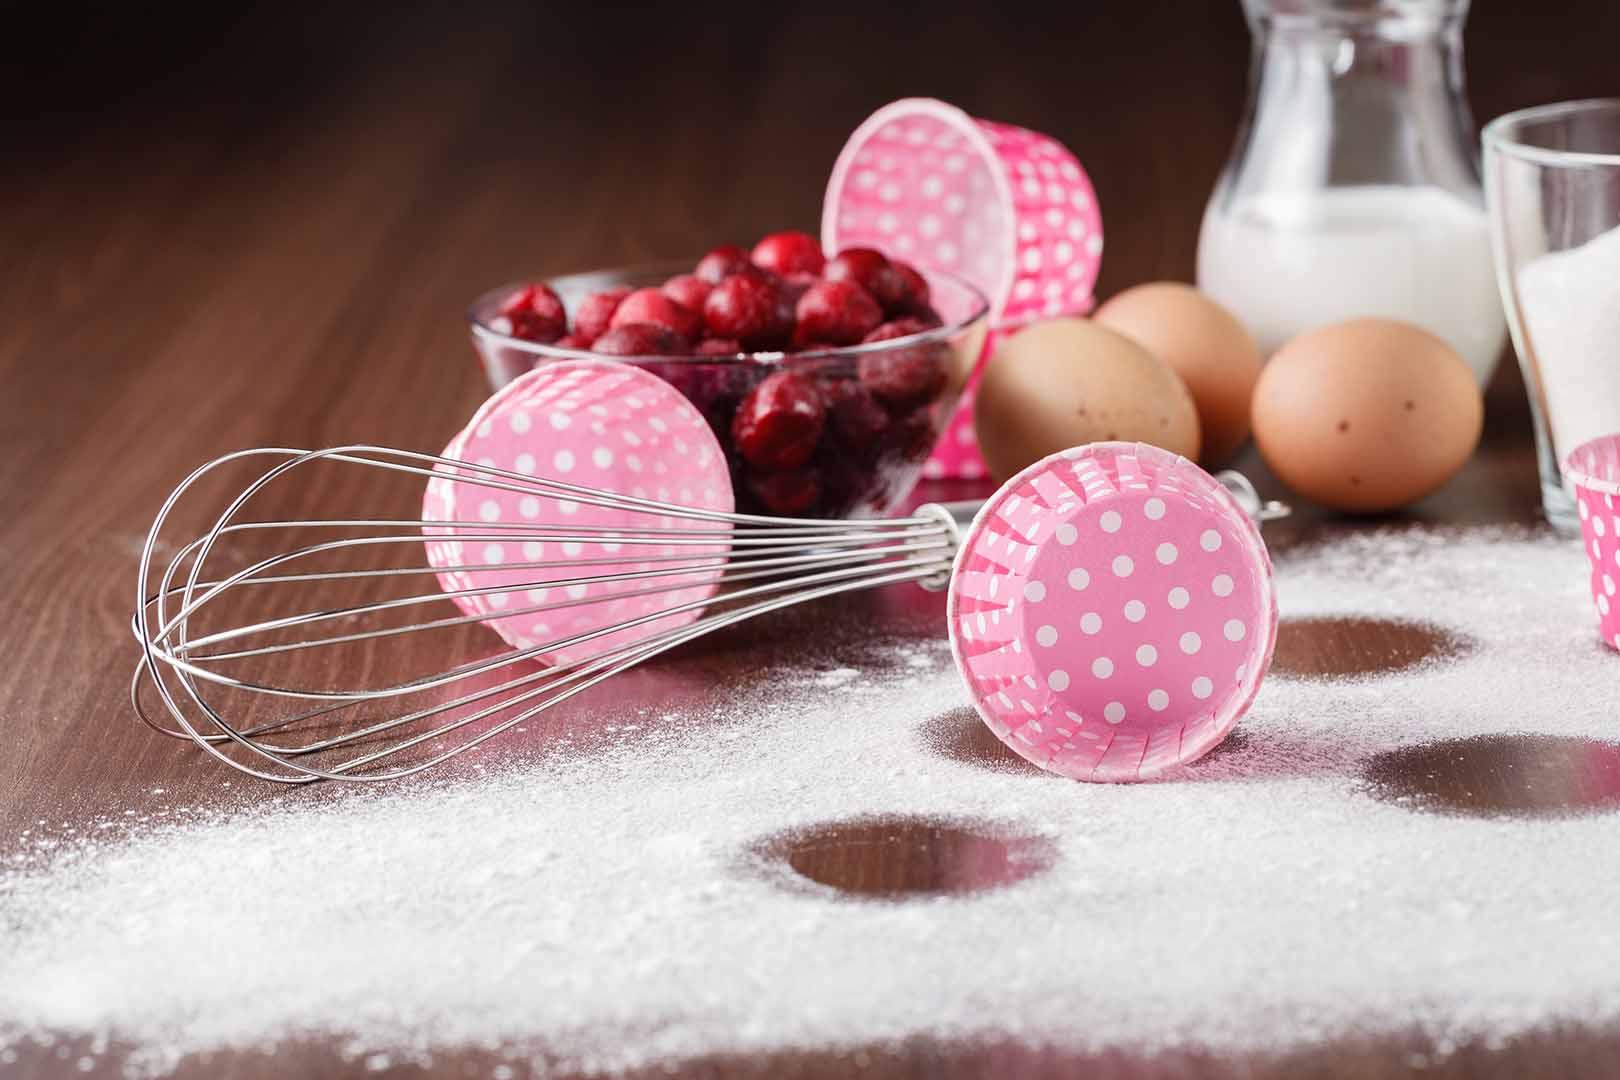 manfaat-baking-soda-kue